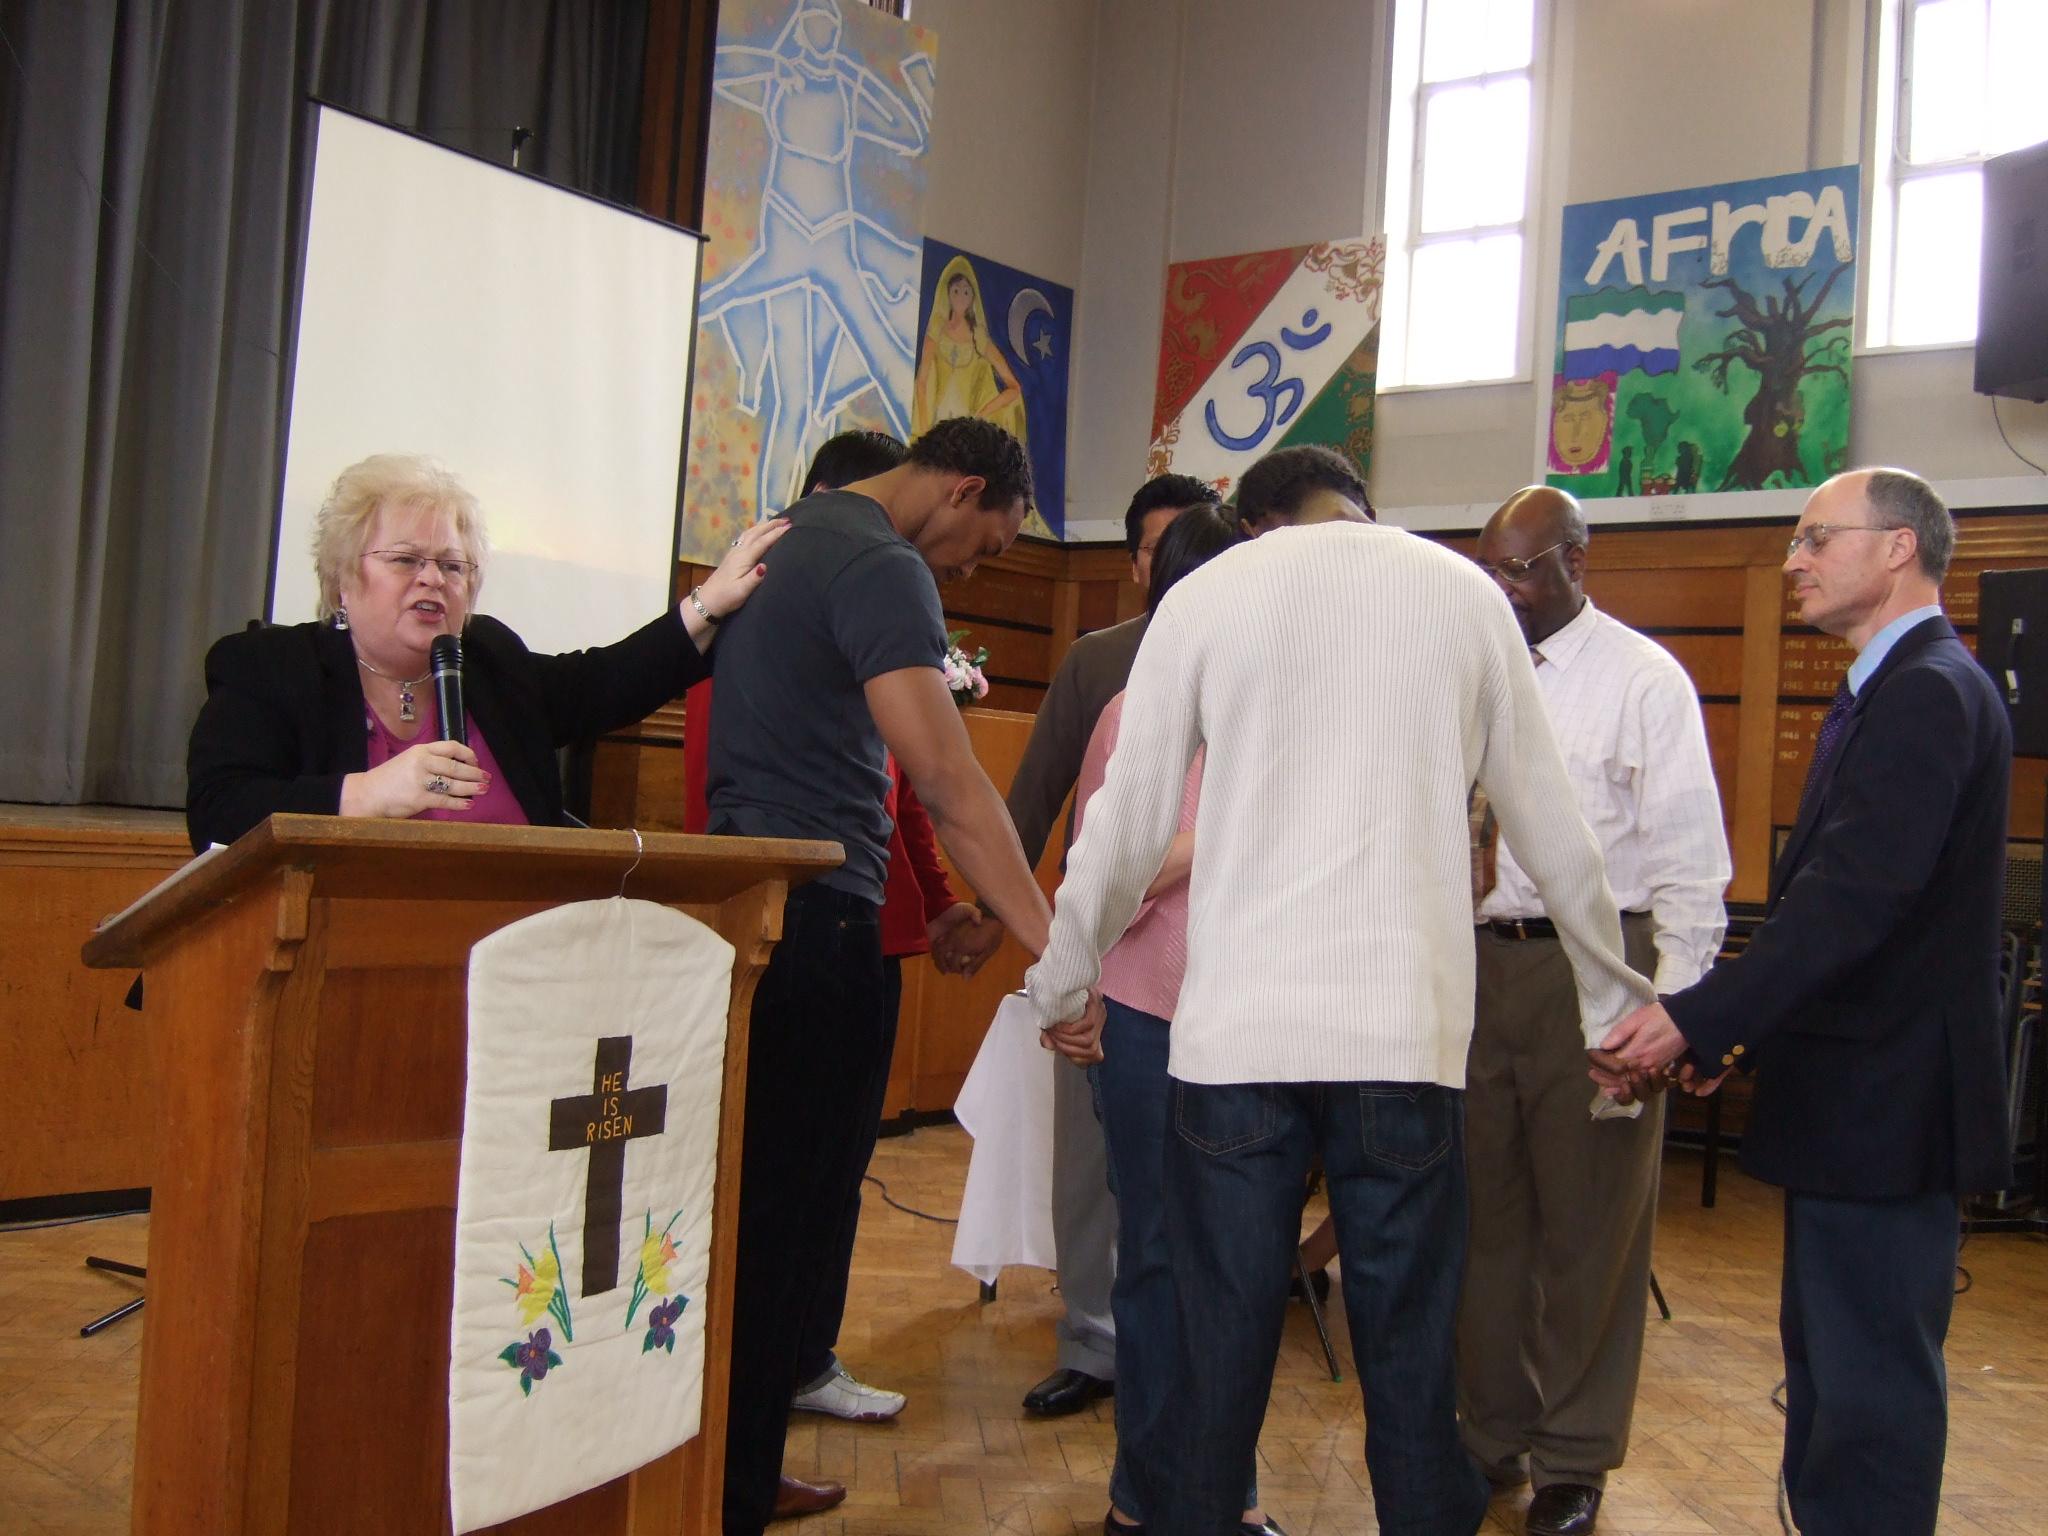 March Celebration 2008